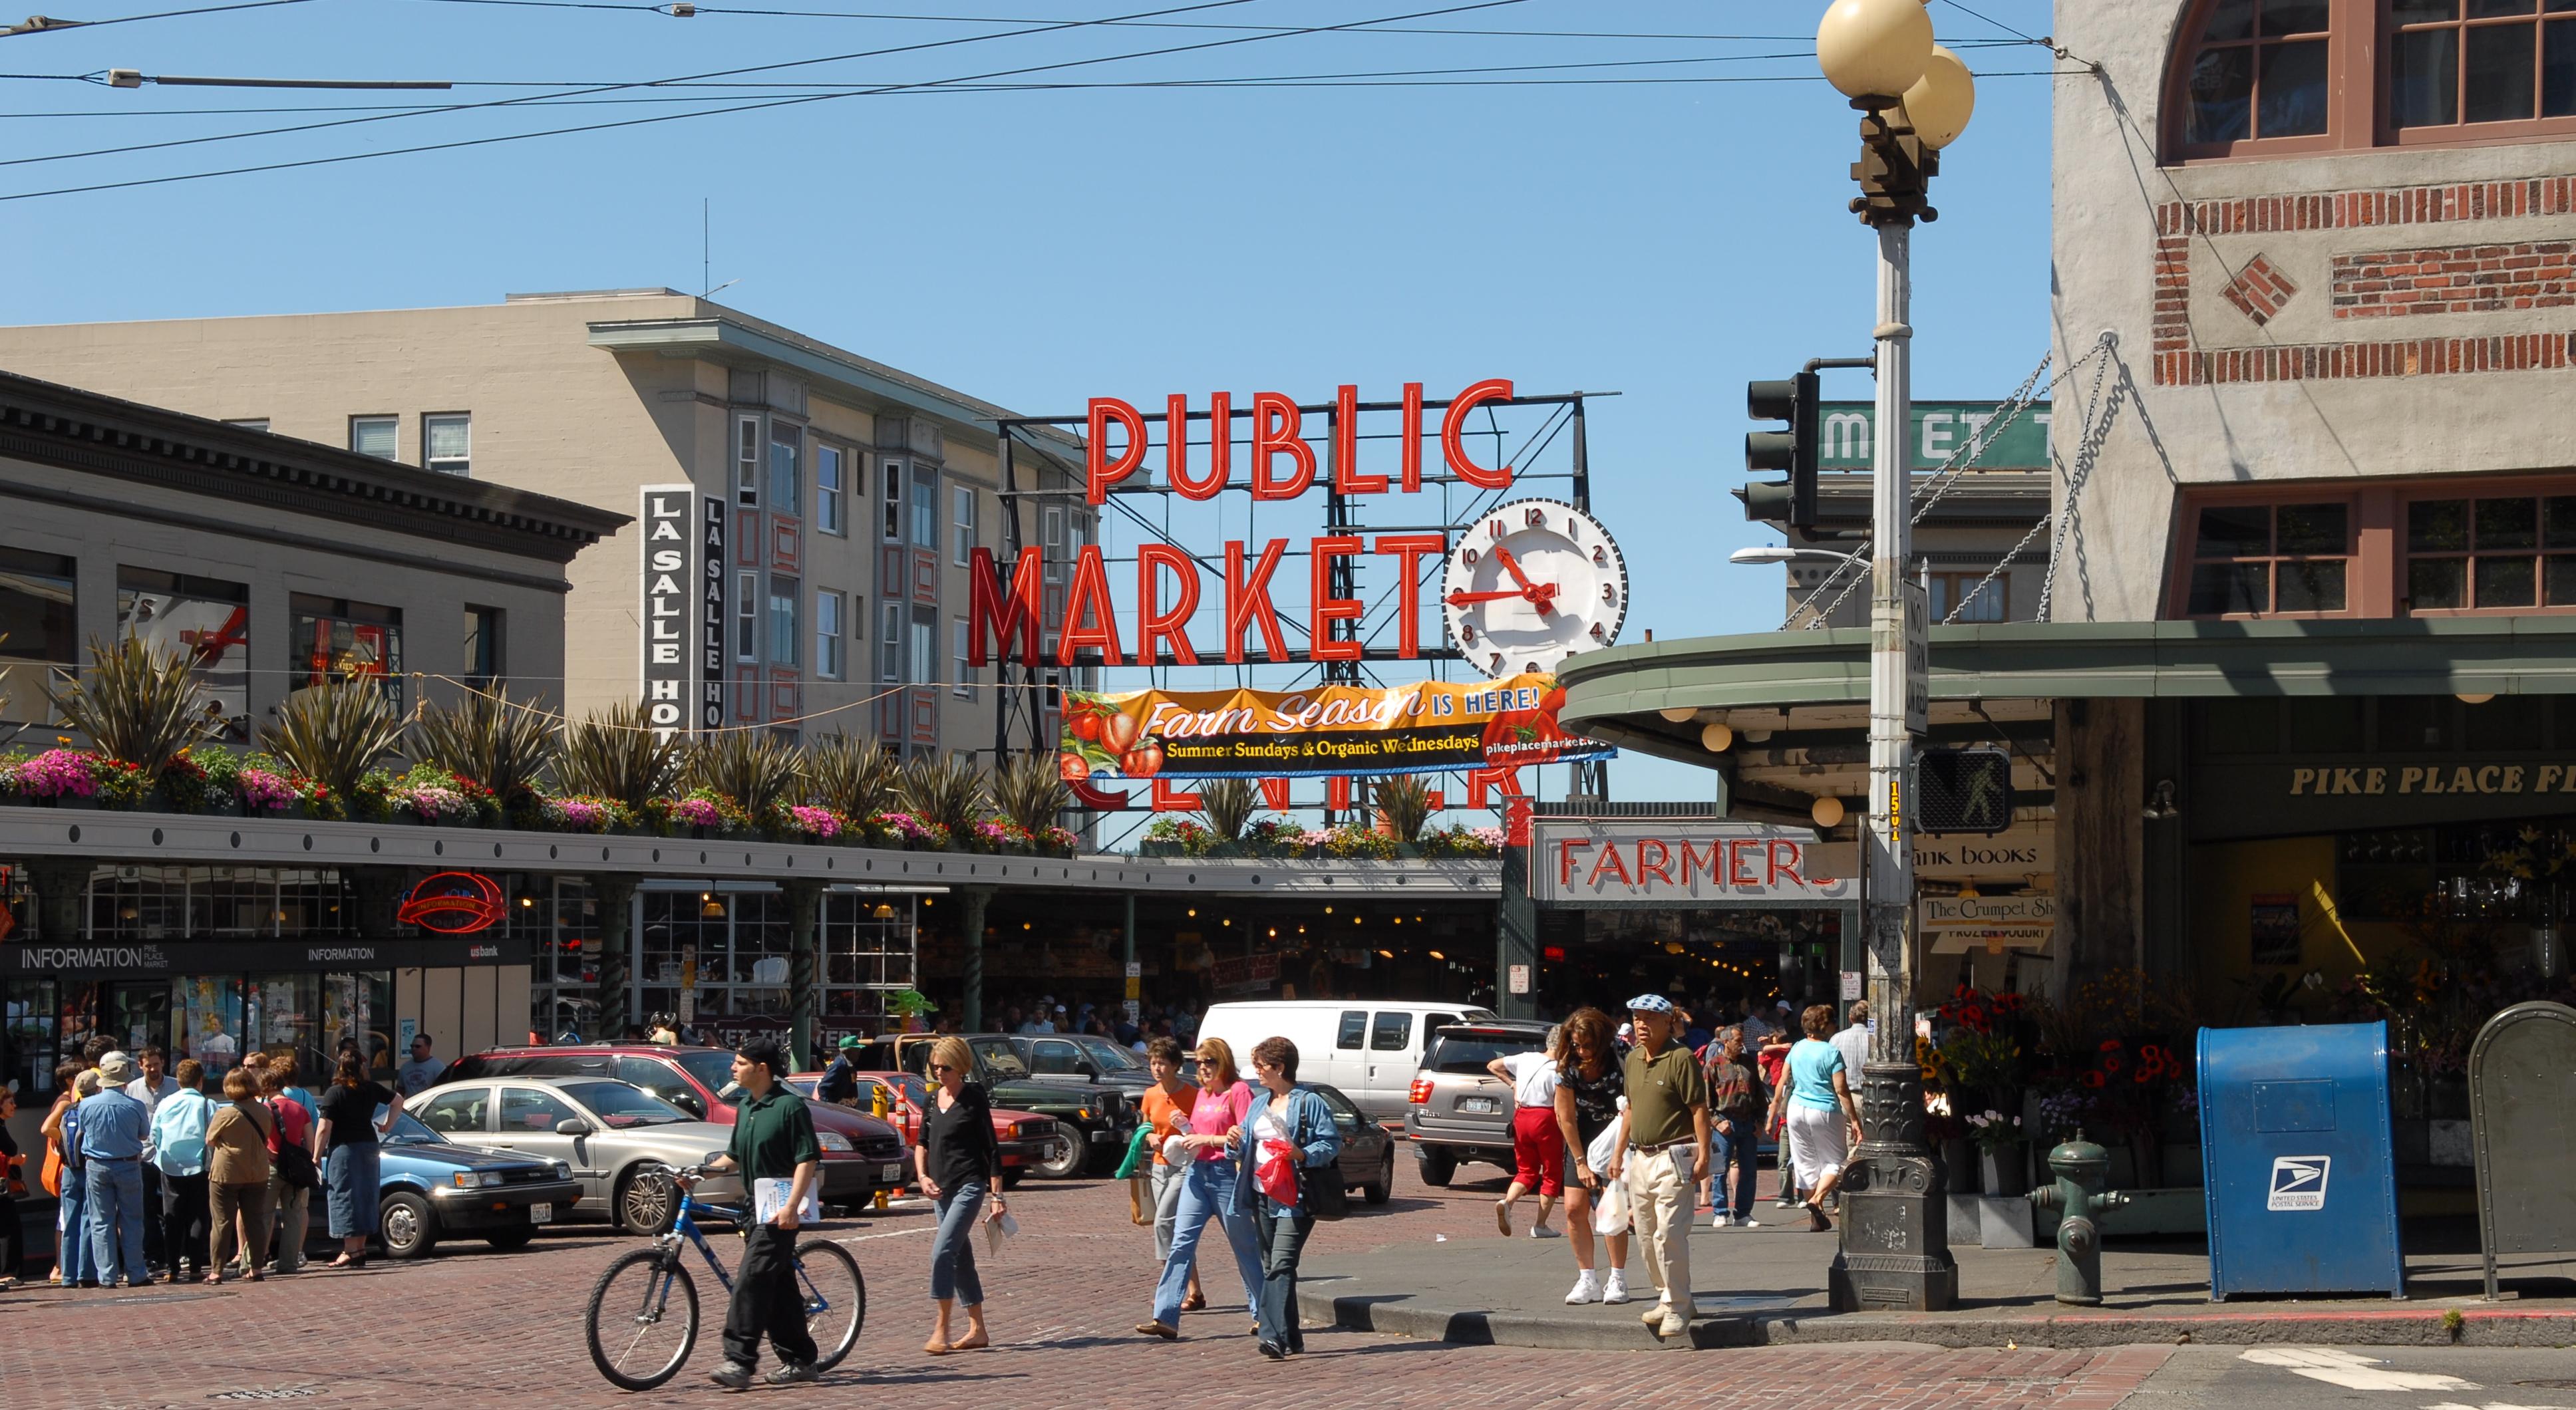 Seattle's famed Public Market